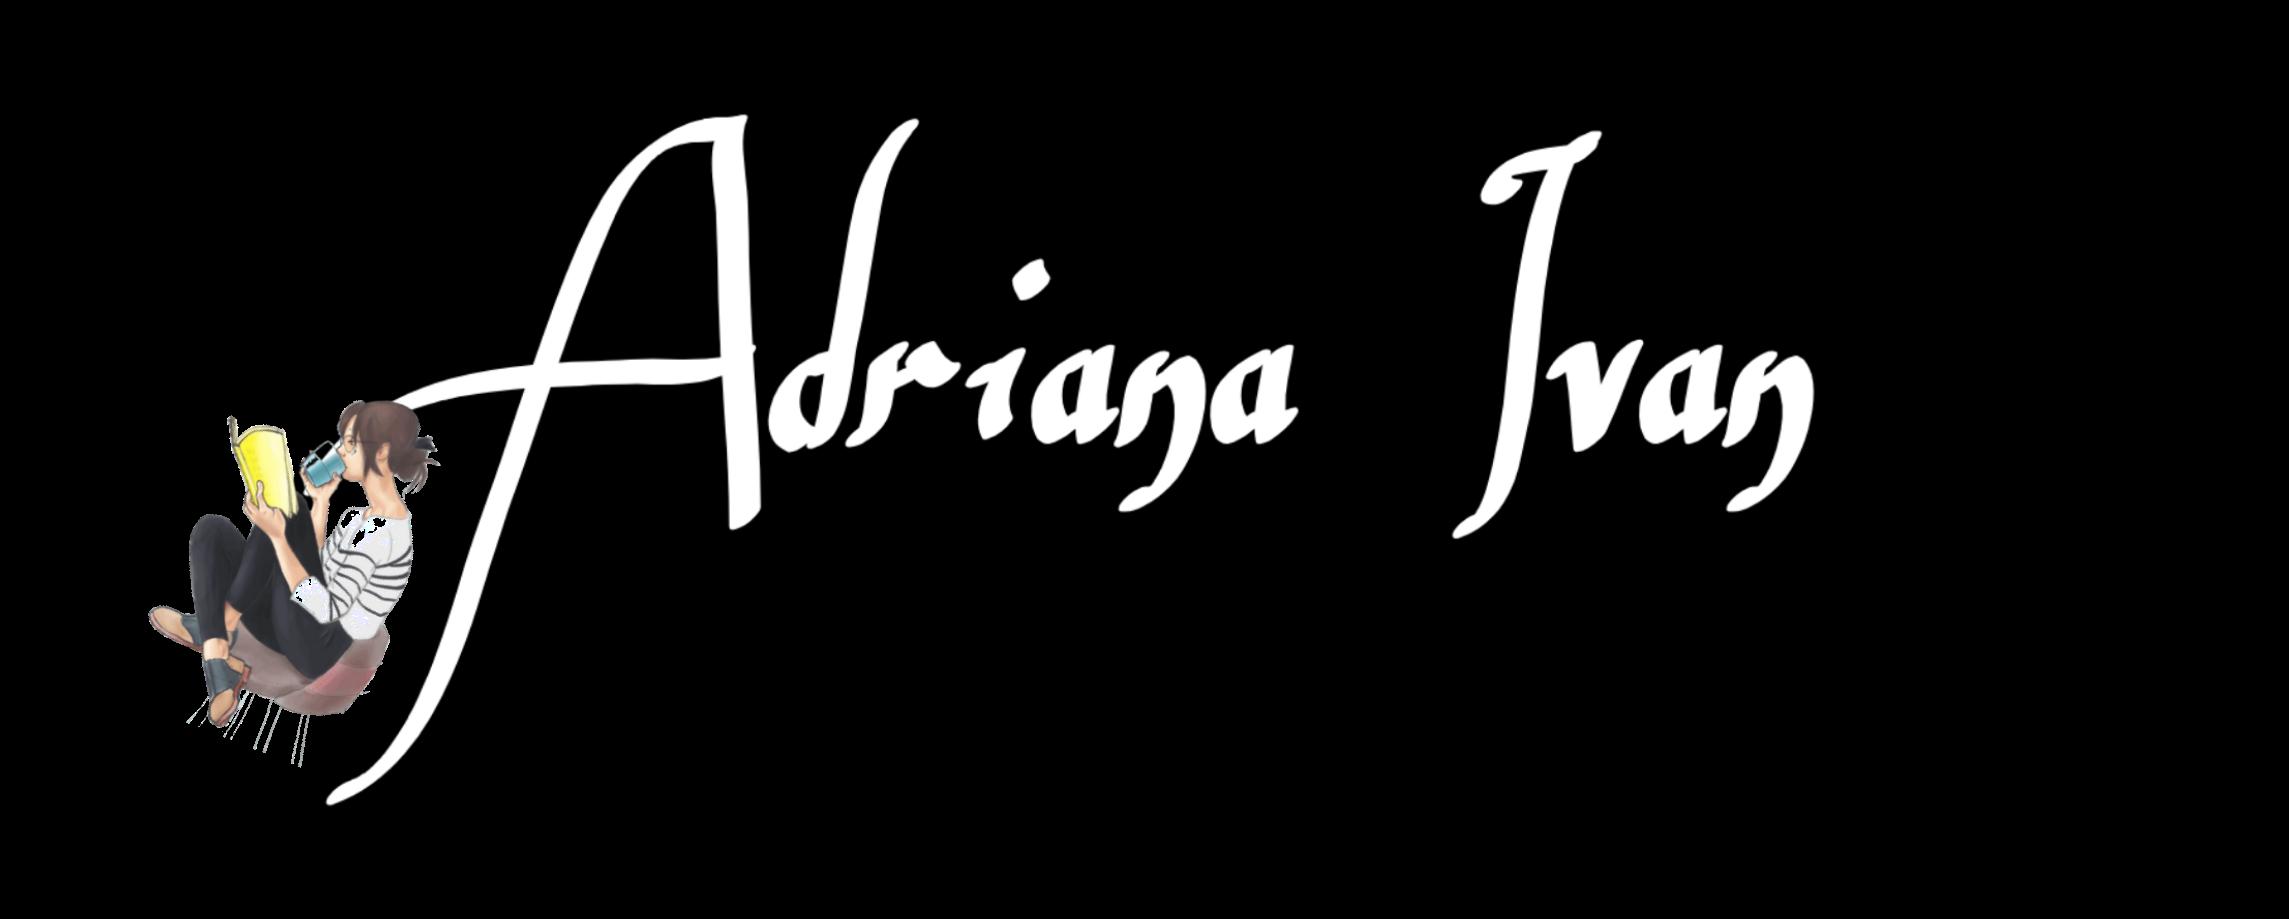 Adriana Ivan